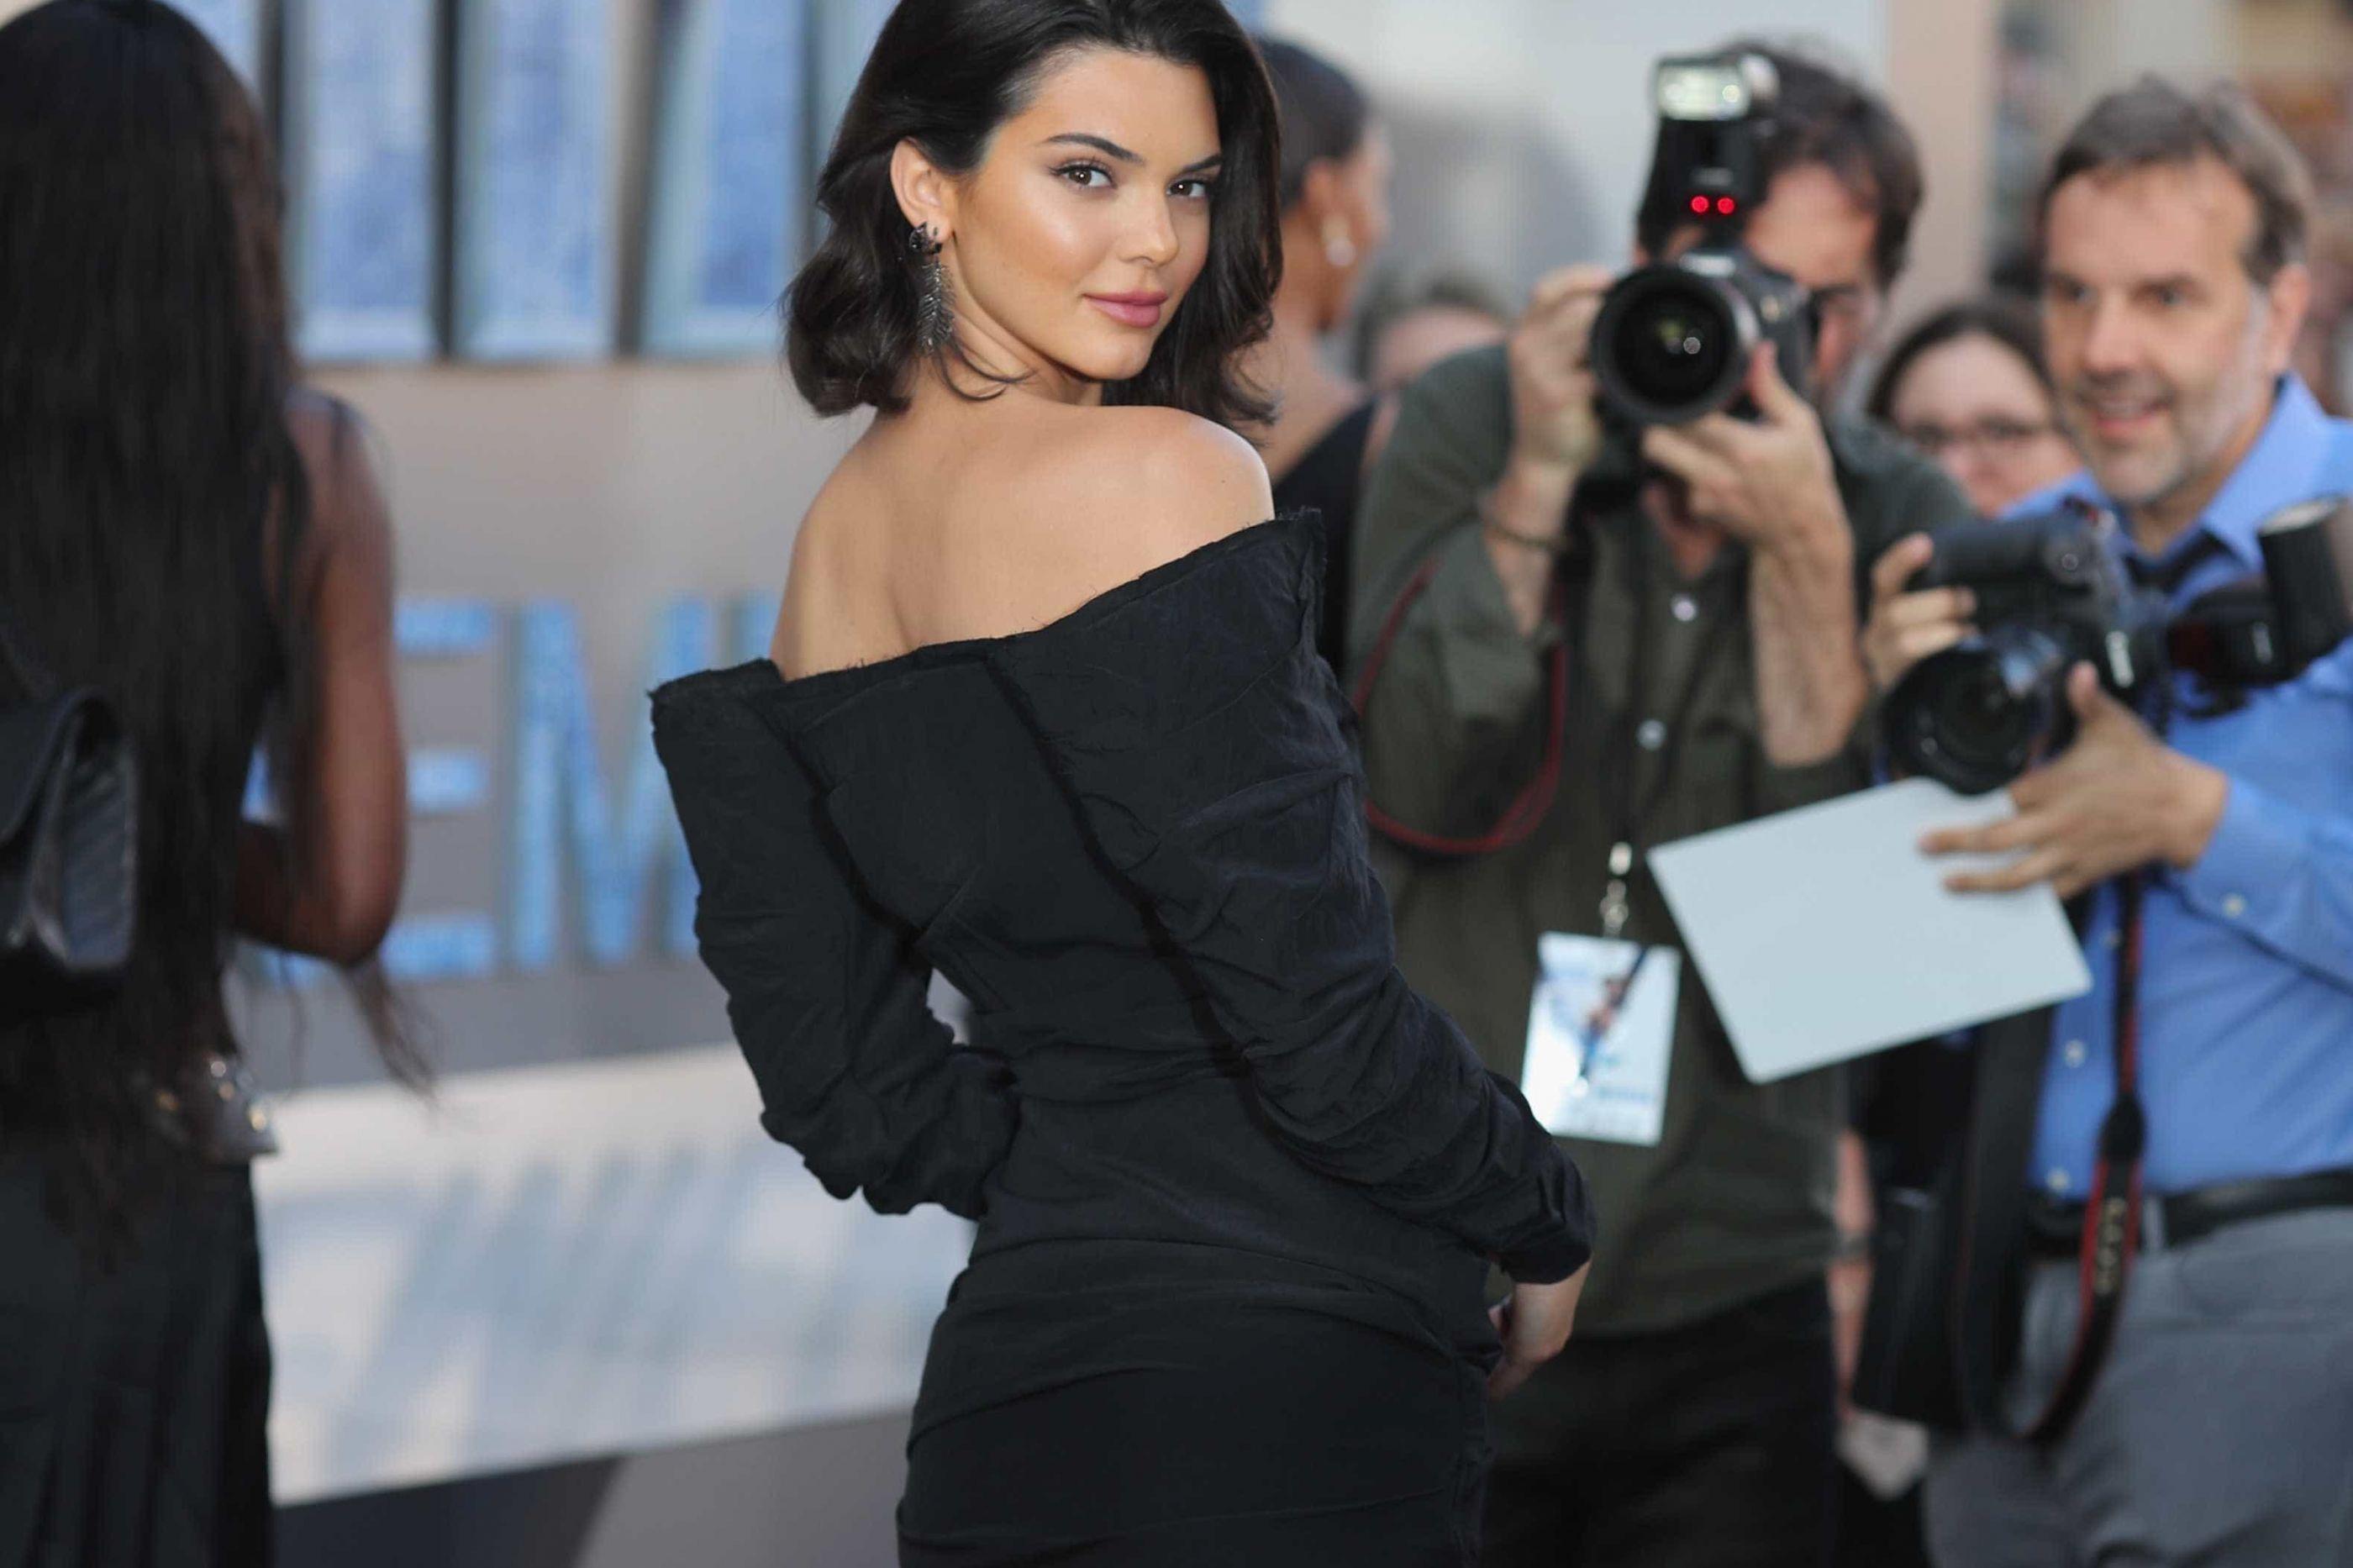 Kendall Jenner acusada de ser uma 'destruidora de lares'